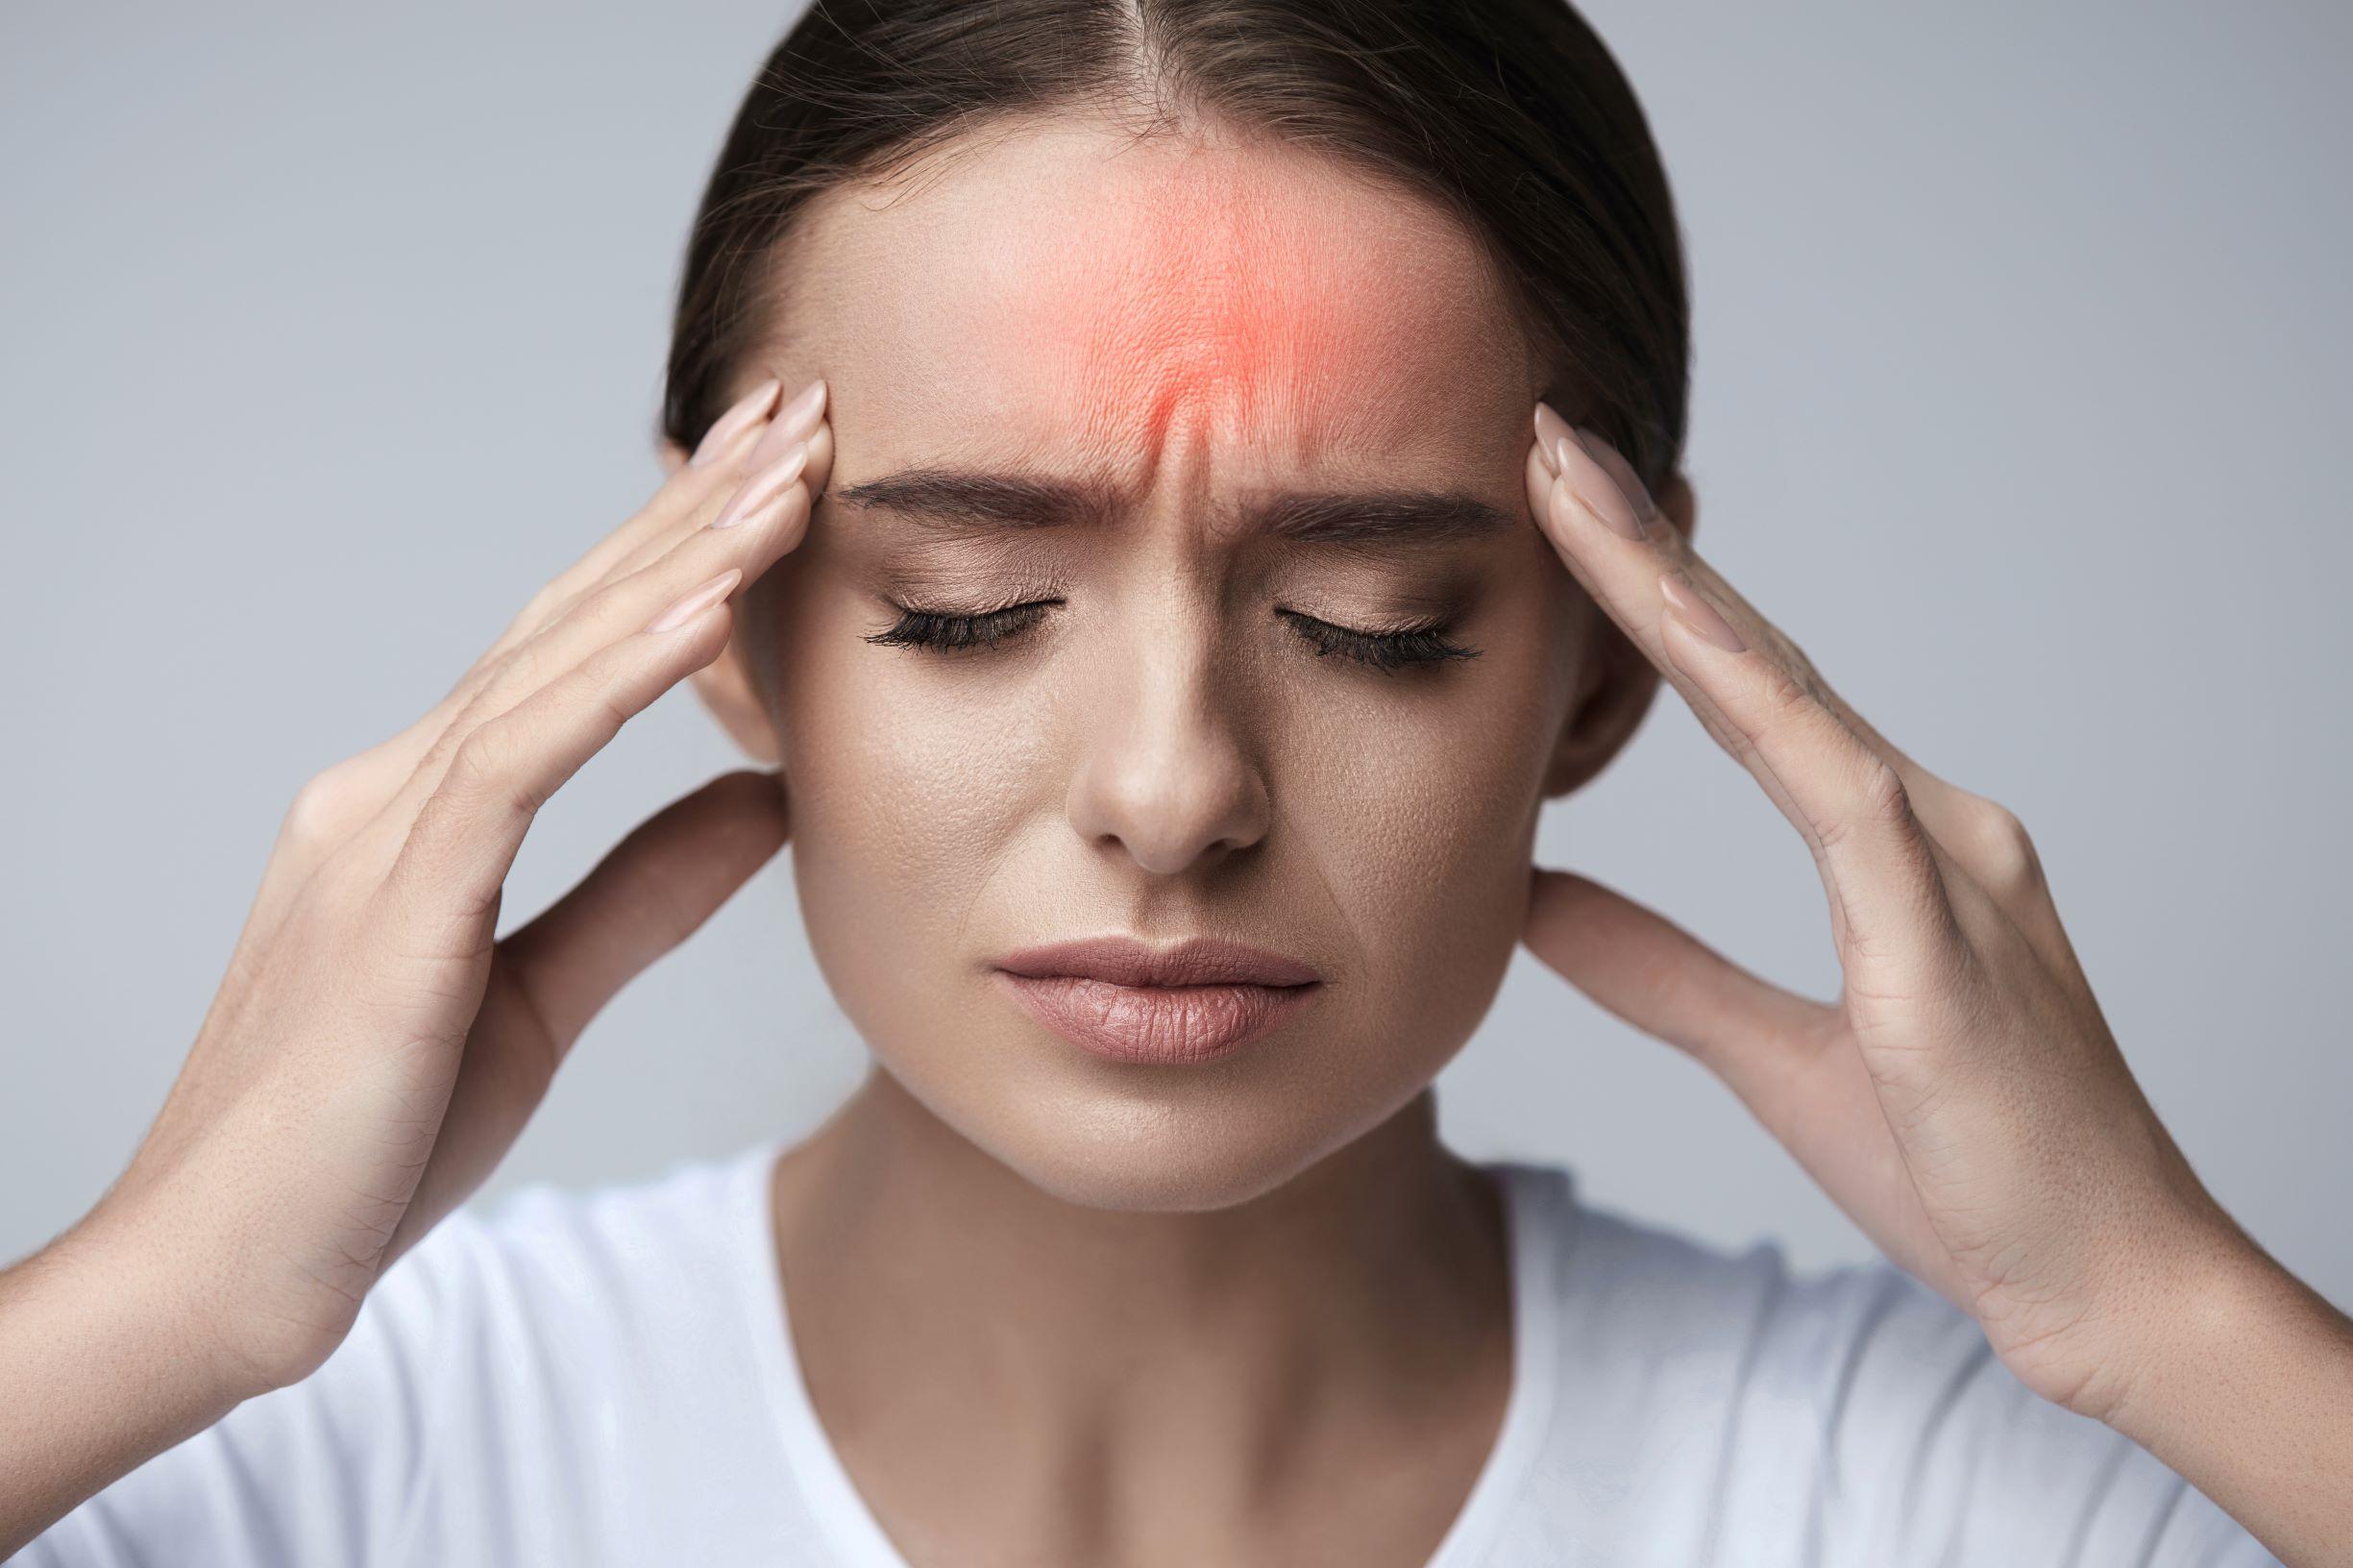 Pacjenci z migreną przewlekłą mają 6 krotnie wyższe ryzyko zachorowania na depresję! Na depresję choruje aż 11% z nich